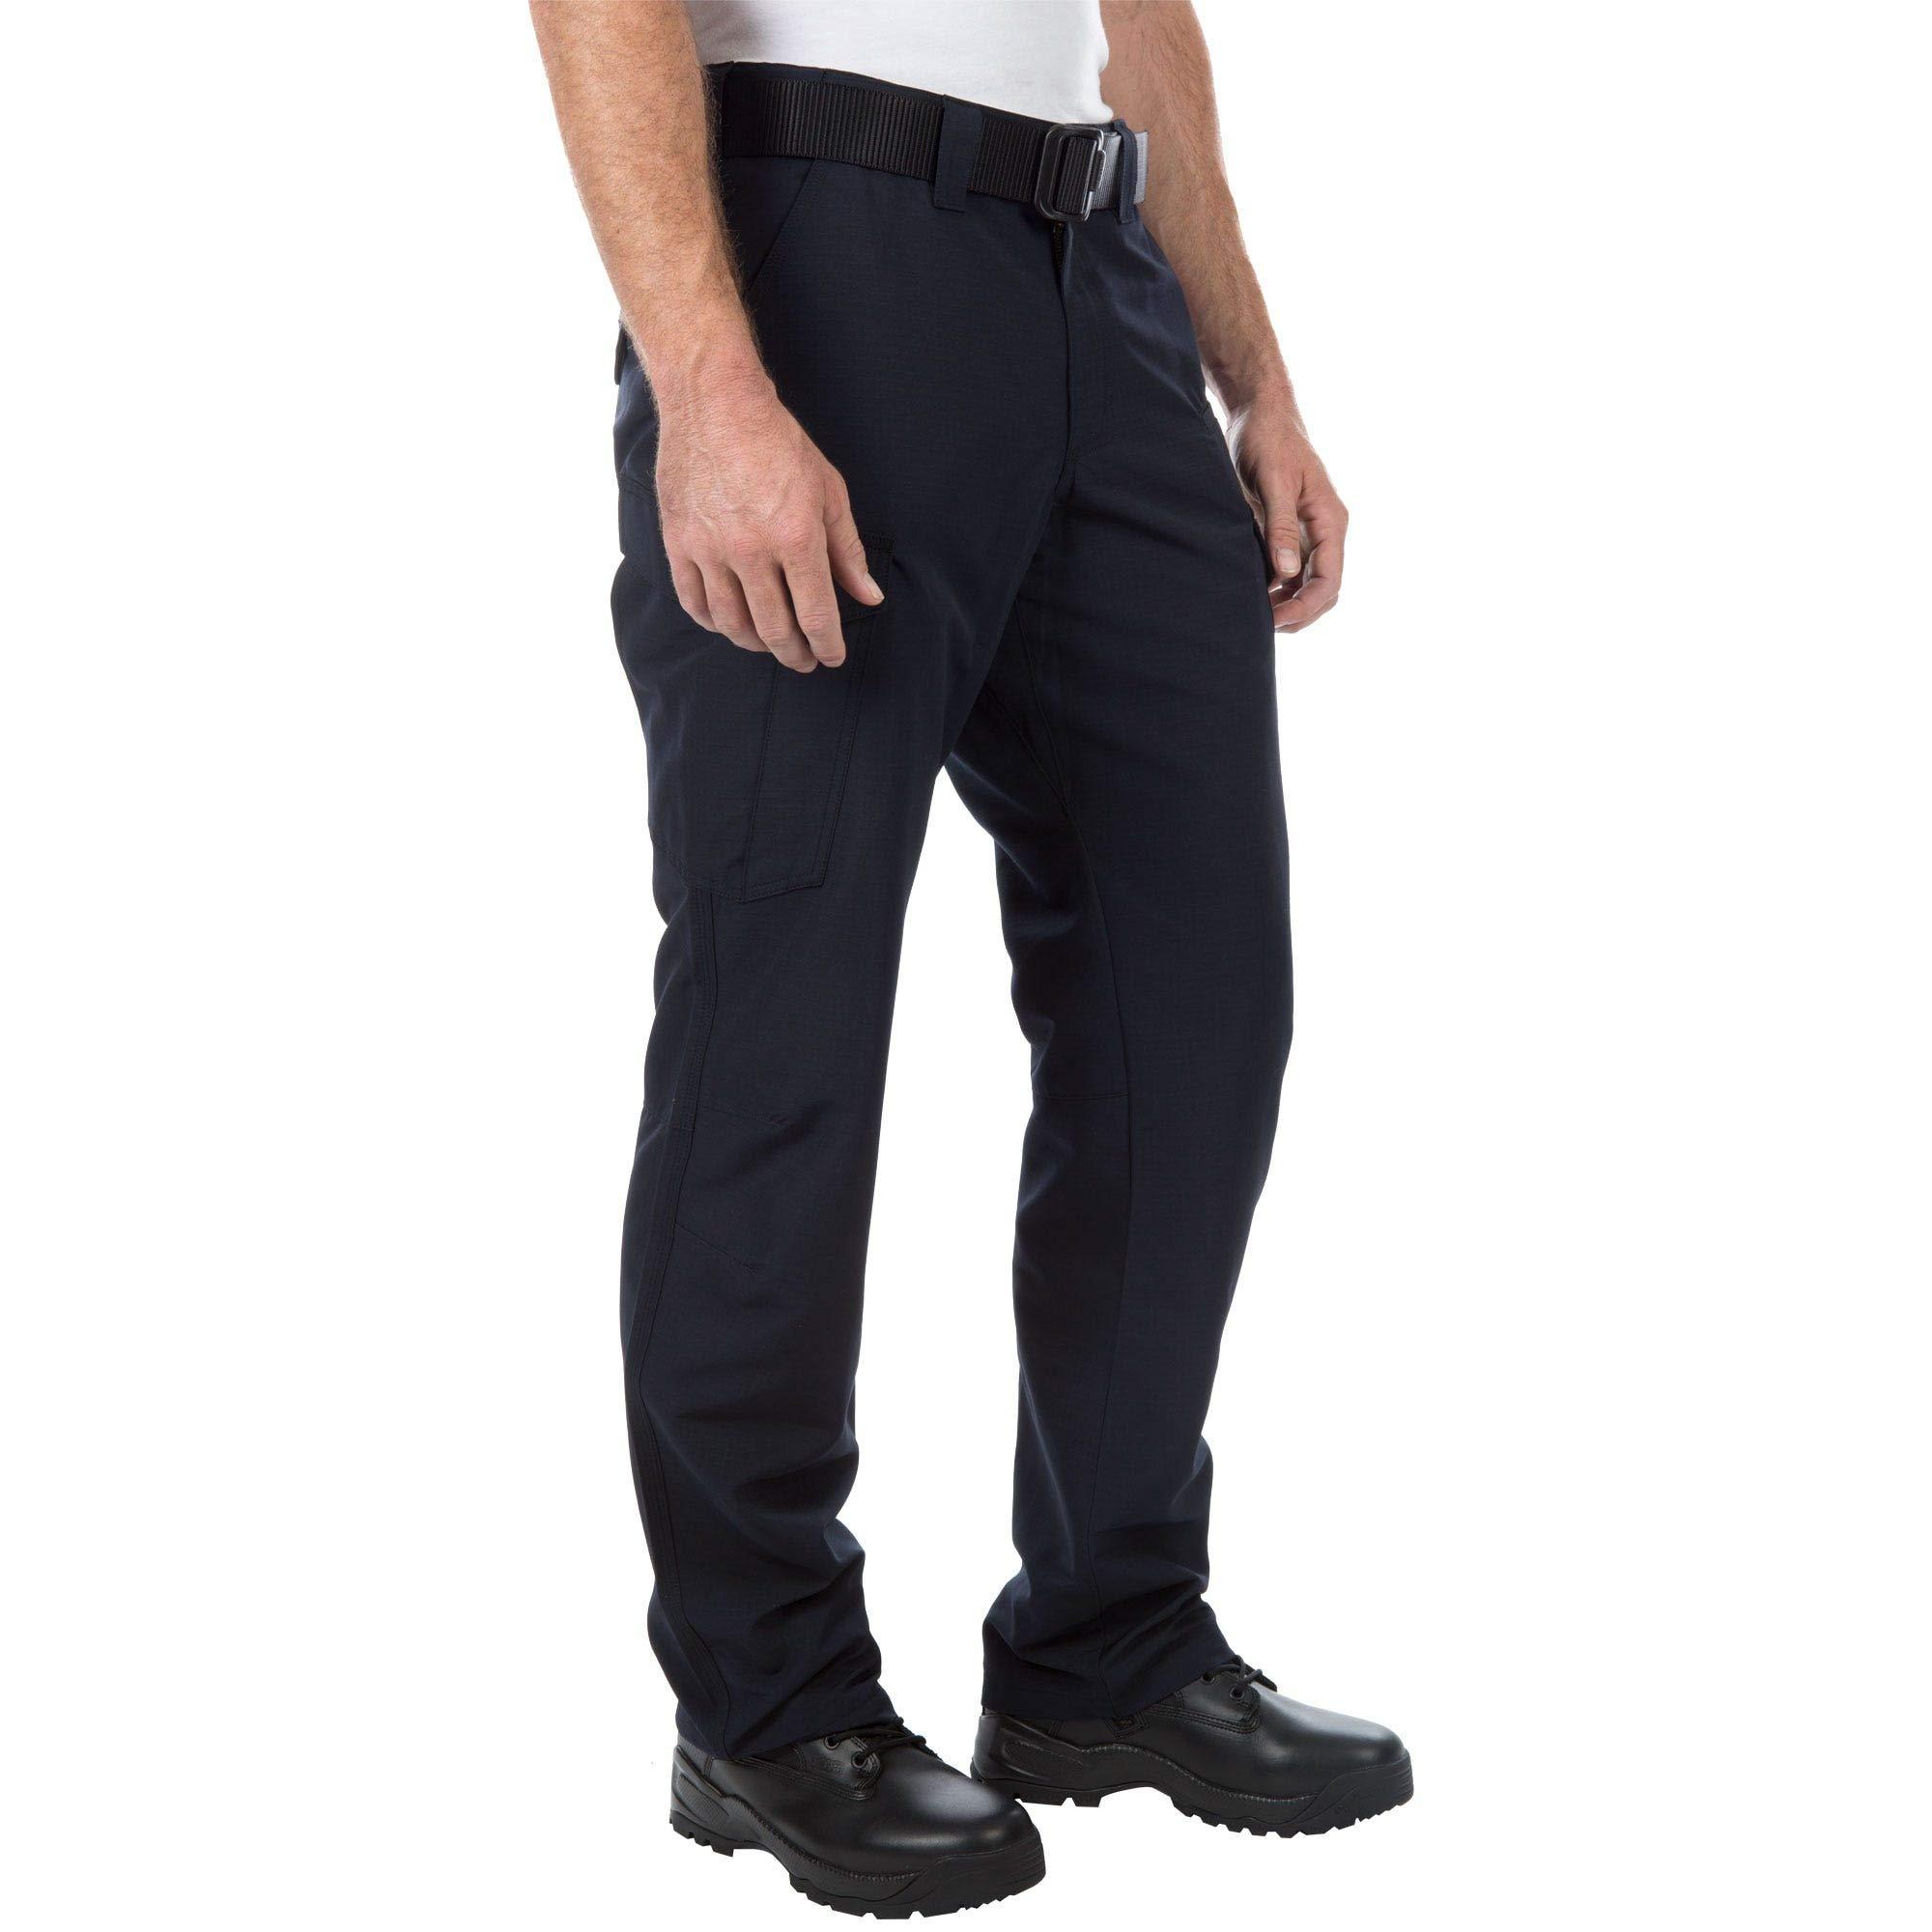 5.11 Mens Tactical Men's Fast-tac Cargo Pants